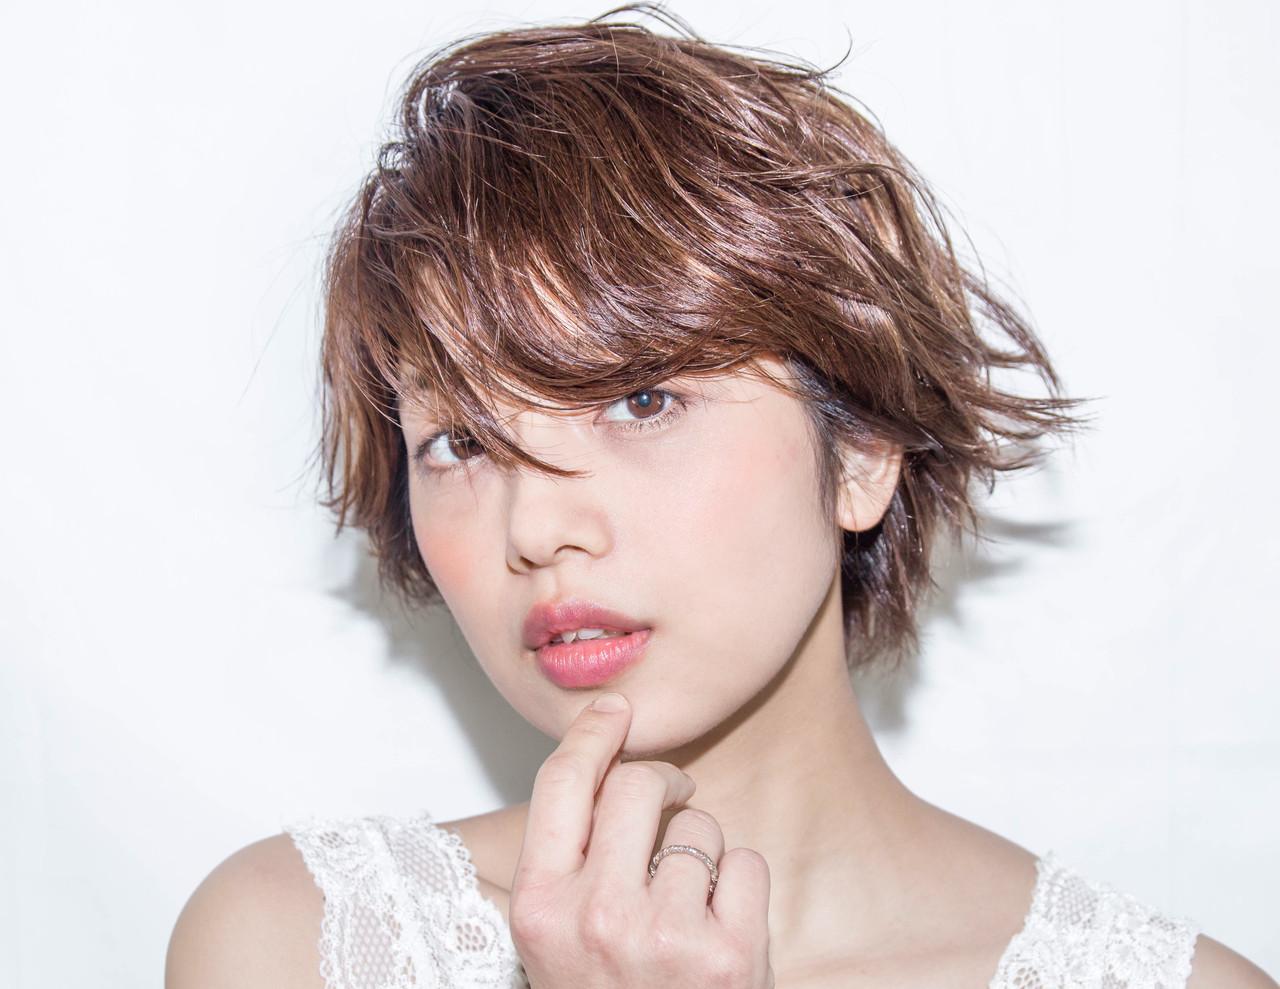 アンニュイほつれヘア ナチュラル 外ハネ パーマ ヘアスタイルや髪型の写真・画像